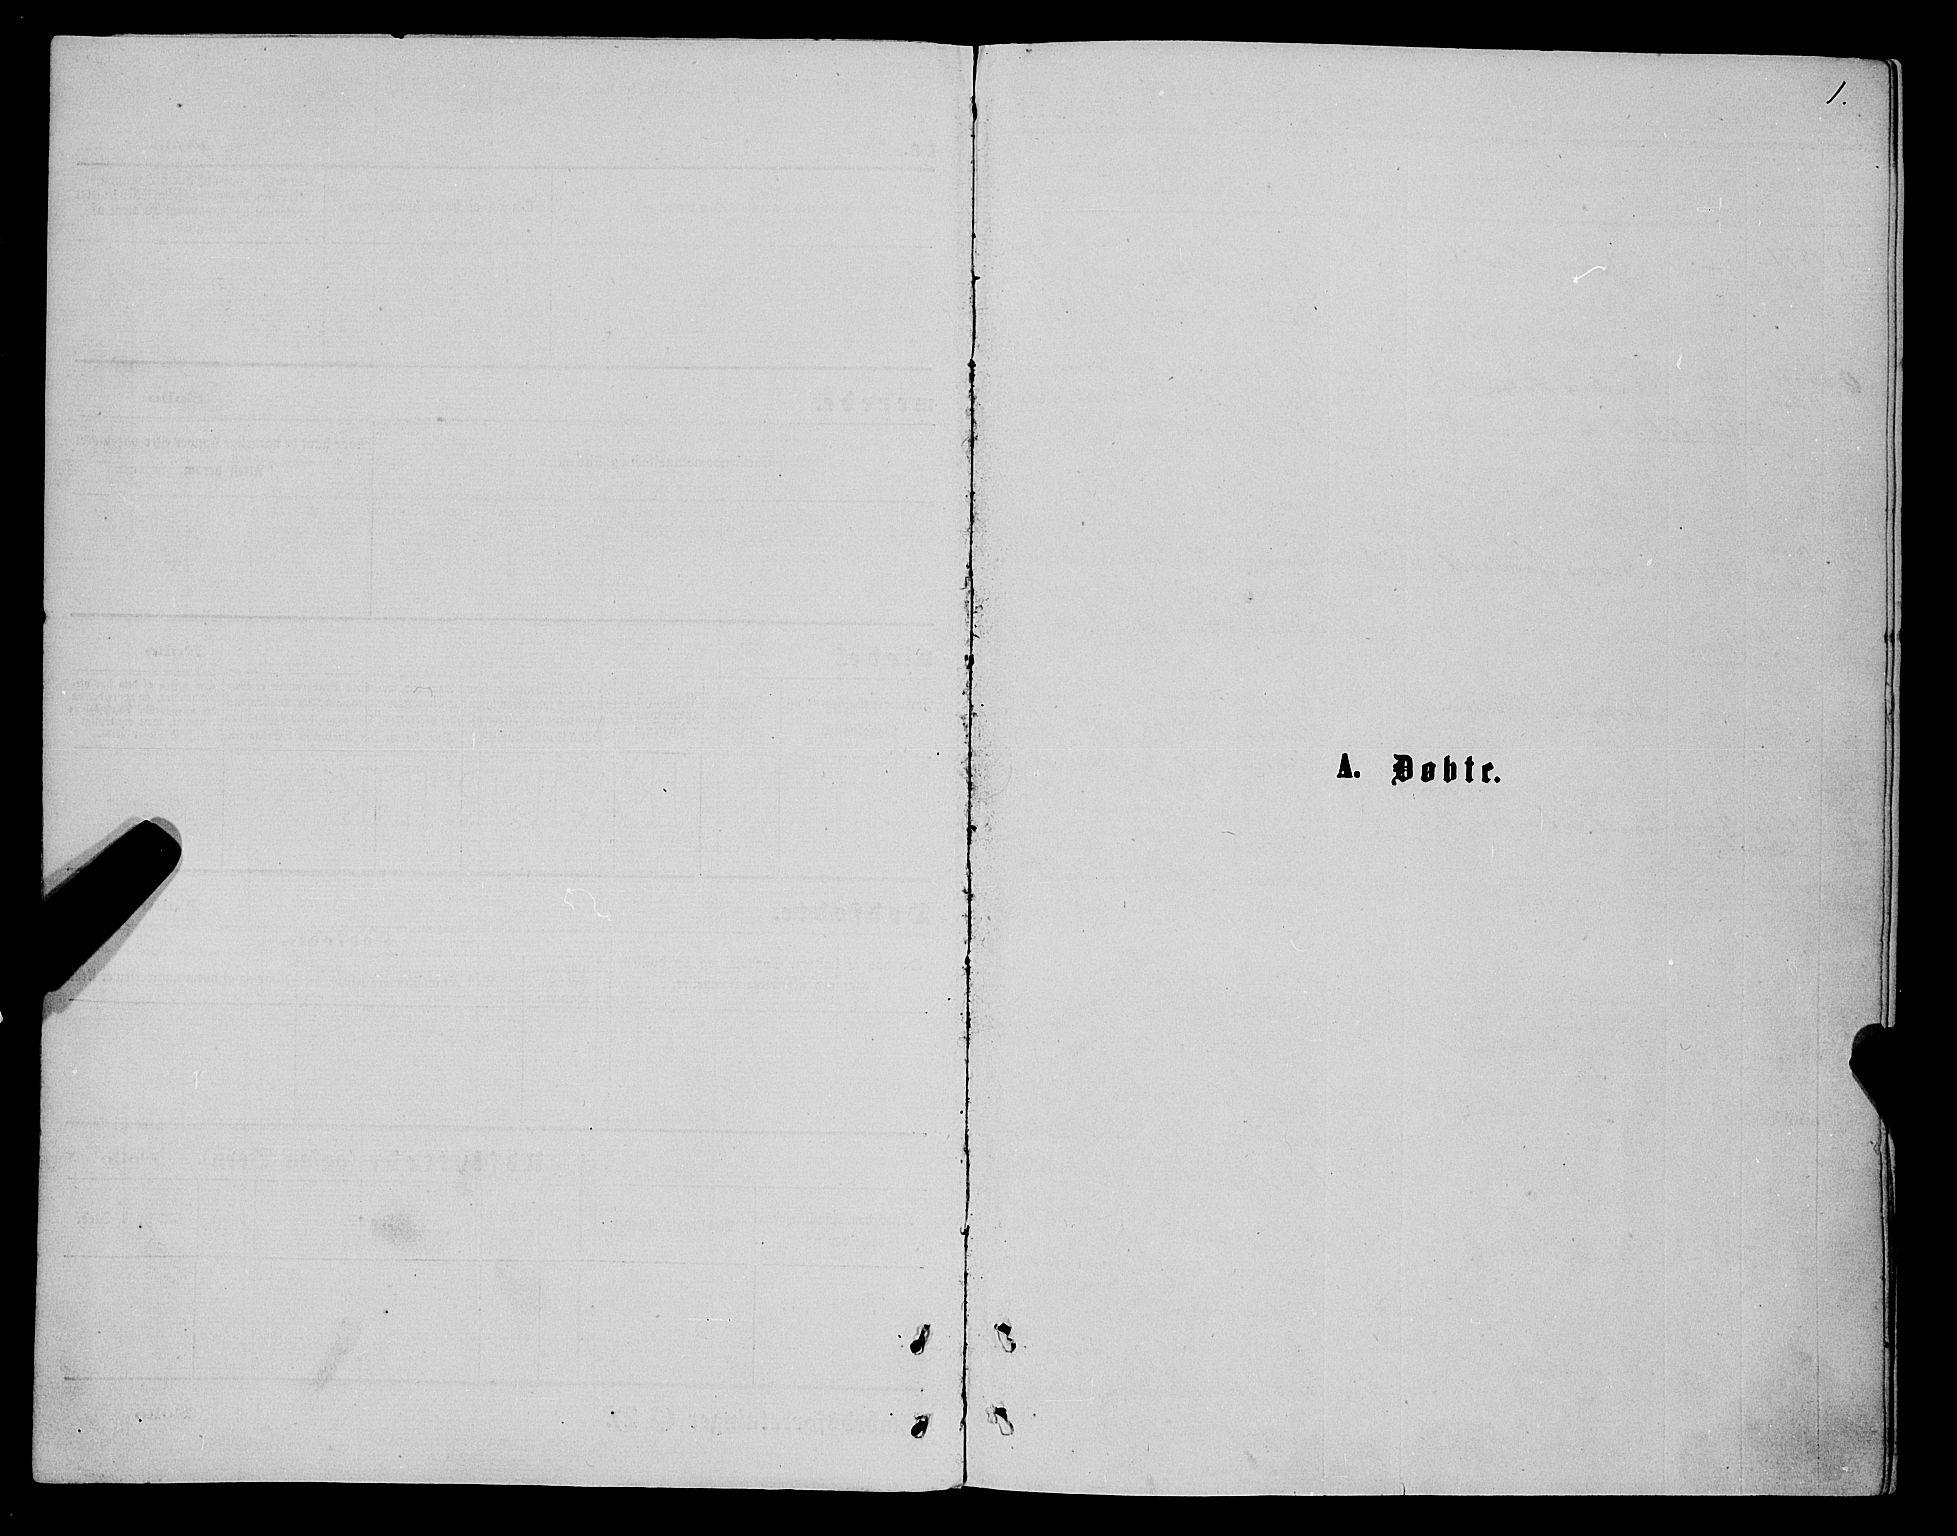 SATØ, Karlsøy sokneprestembete, Ministerialbok nr. 5, 1872-1878, s. 1